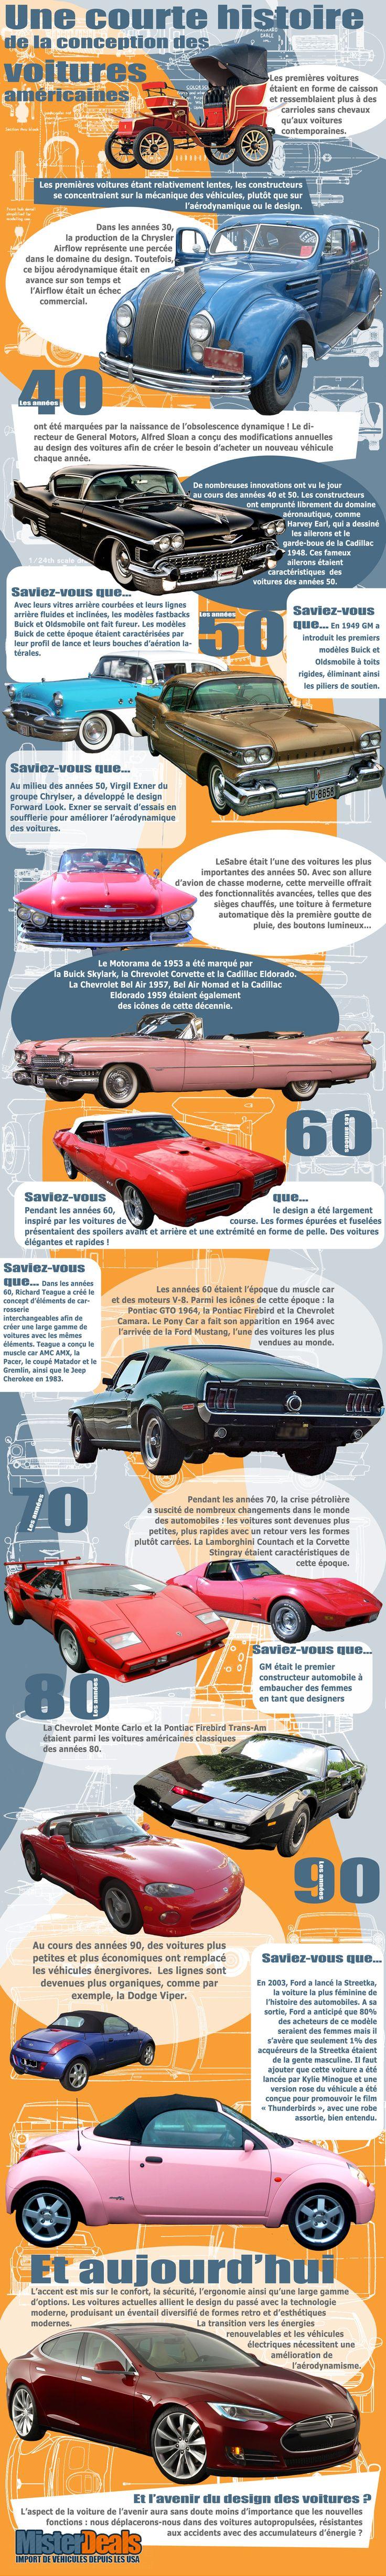 Importation voiture américaine  -  Avec Misterdeals, le spécialiste de l'importation de voitures américaines, vous trouverez à coup sûr la voiture de vos rêves parmi les milliers d'annonces spécialisées. Simplifiez l'achat de votre voiture américaine occasion et faites des économies considérables avec Misterdeals. http://www.misterdeals.com/